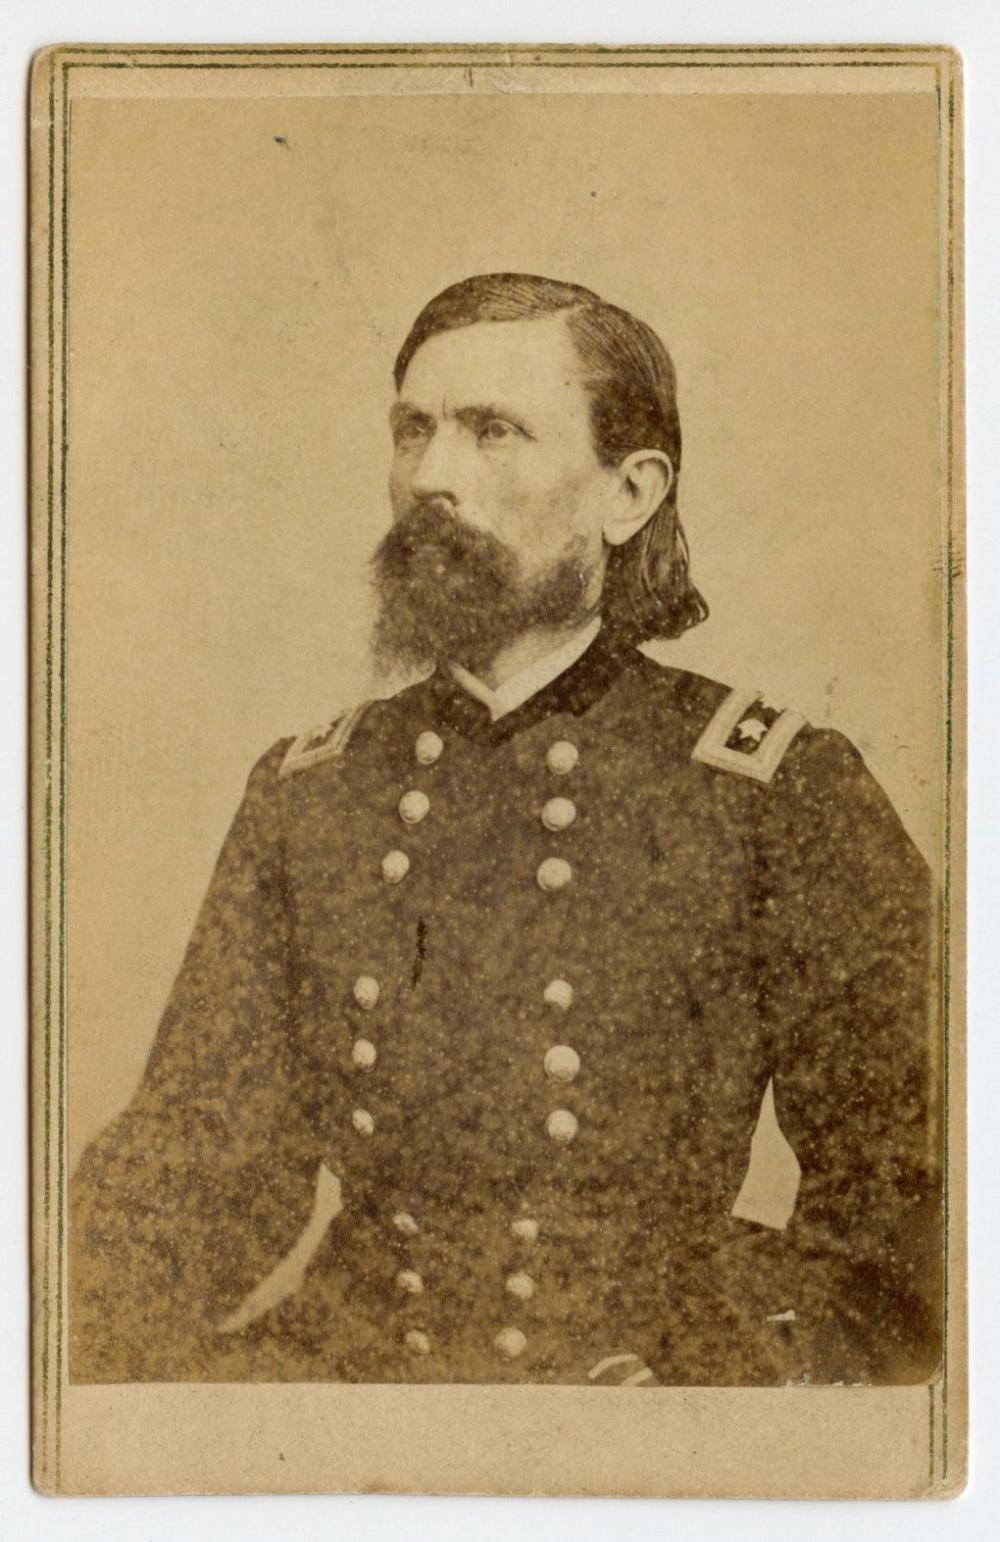 Civil War CDV of General Thomas Crittenden